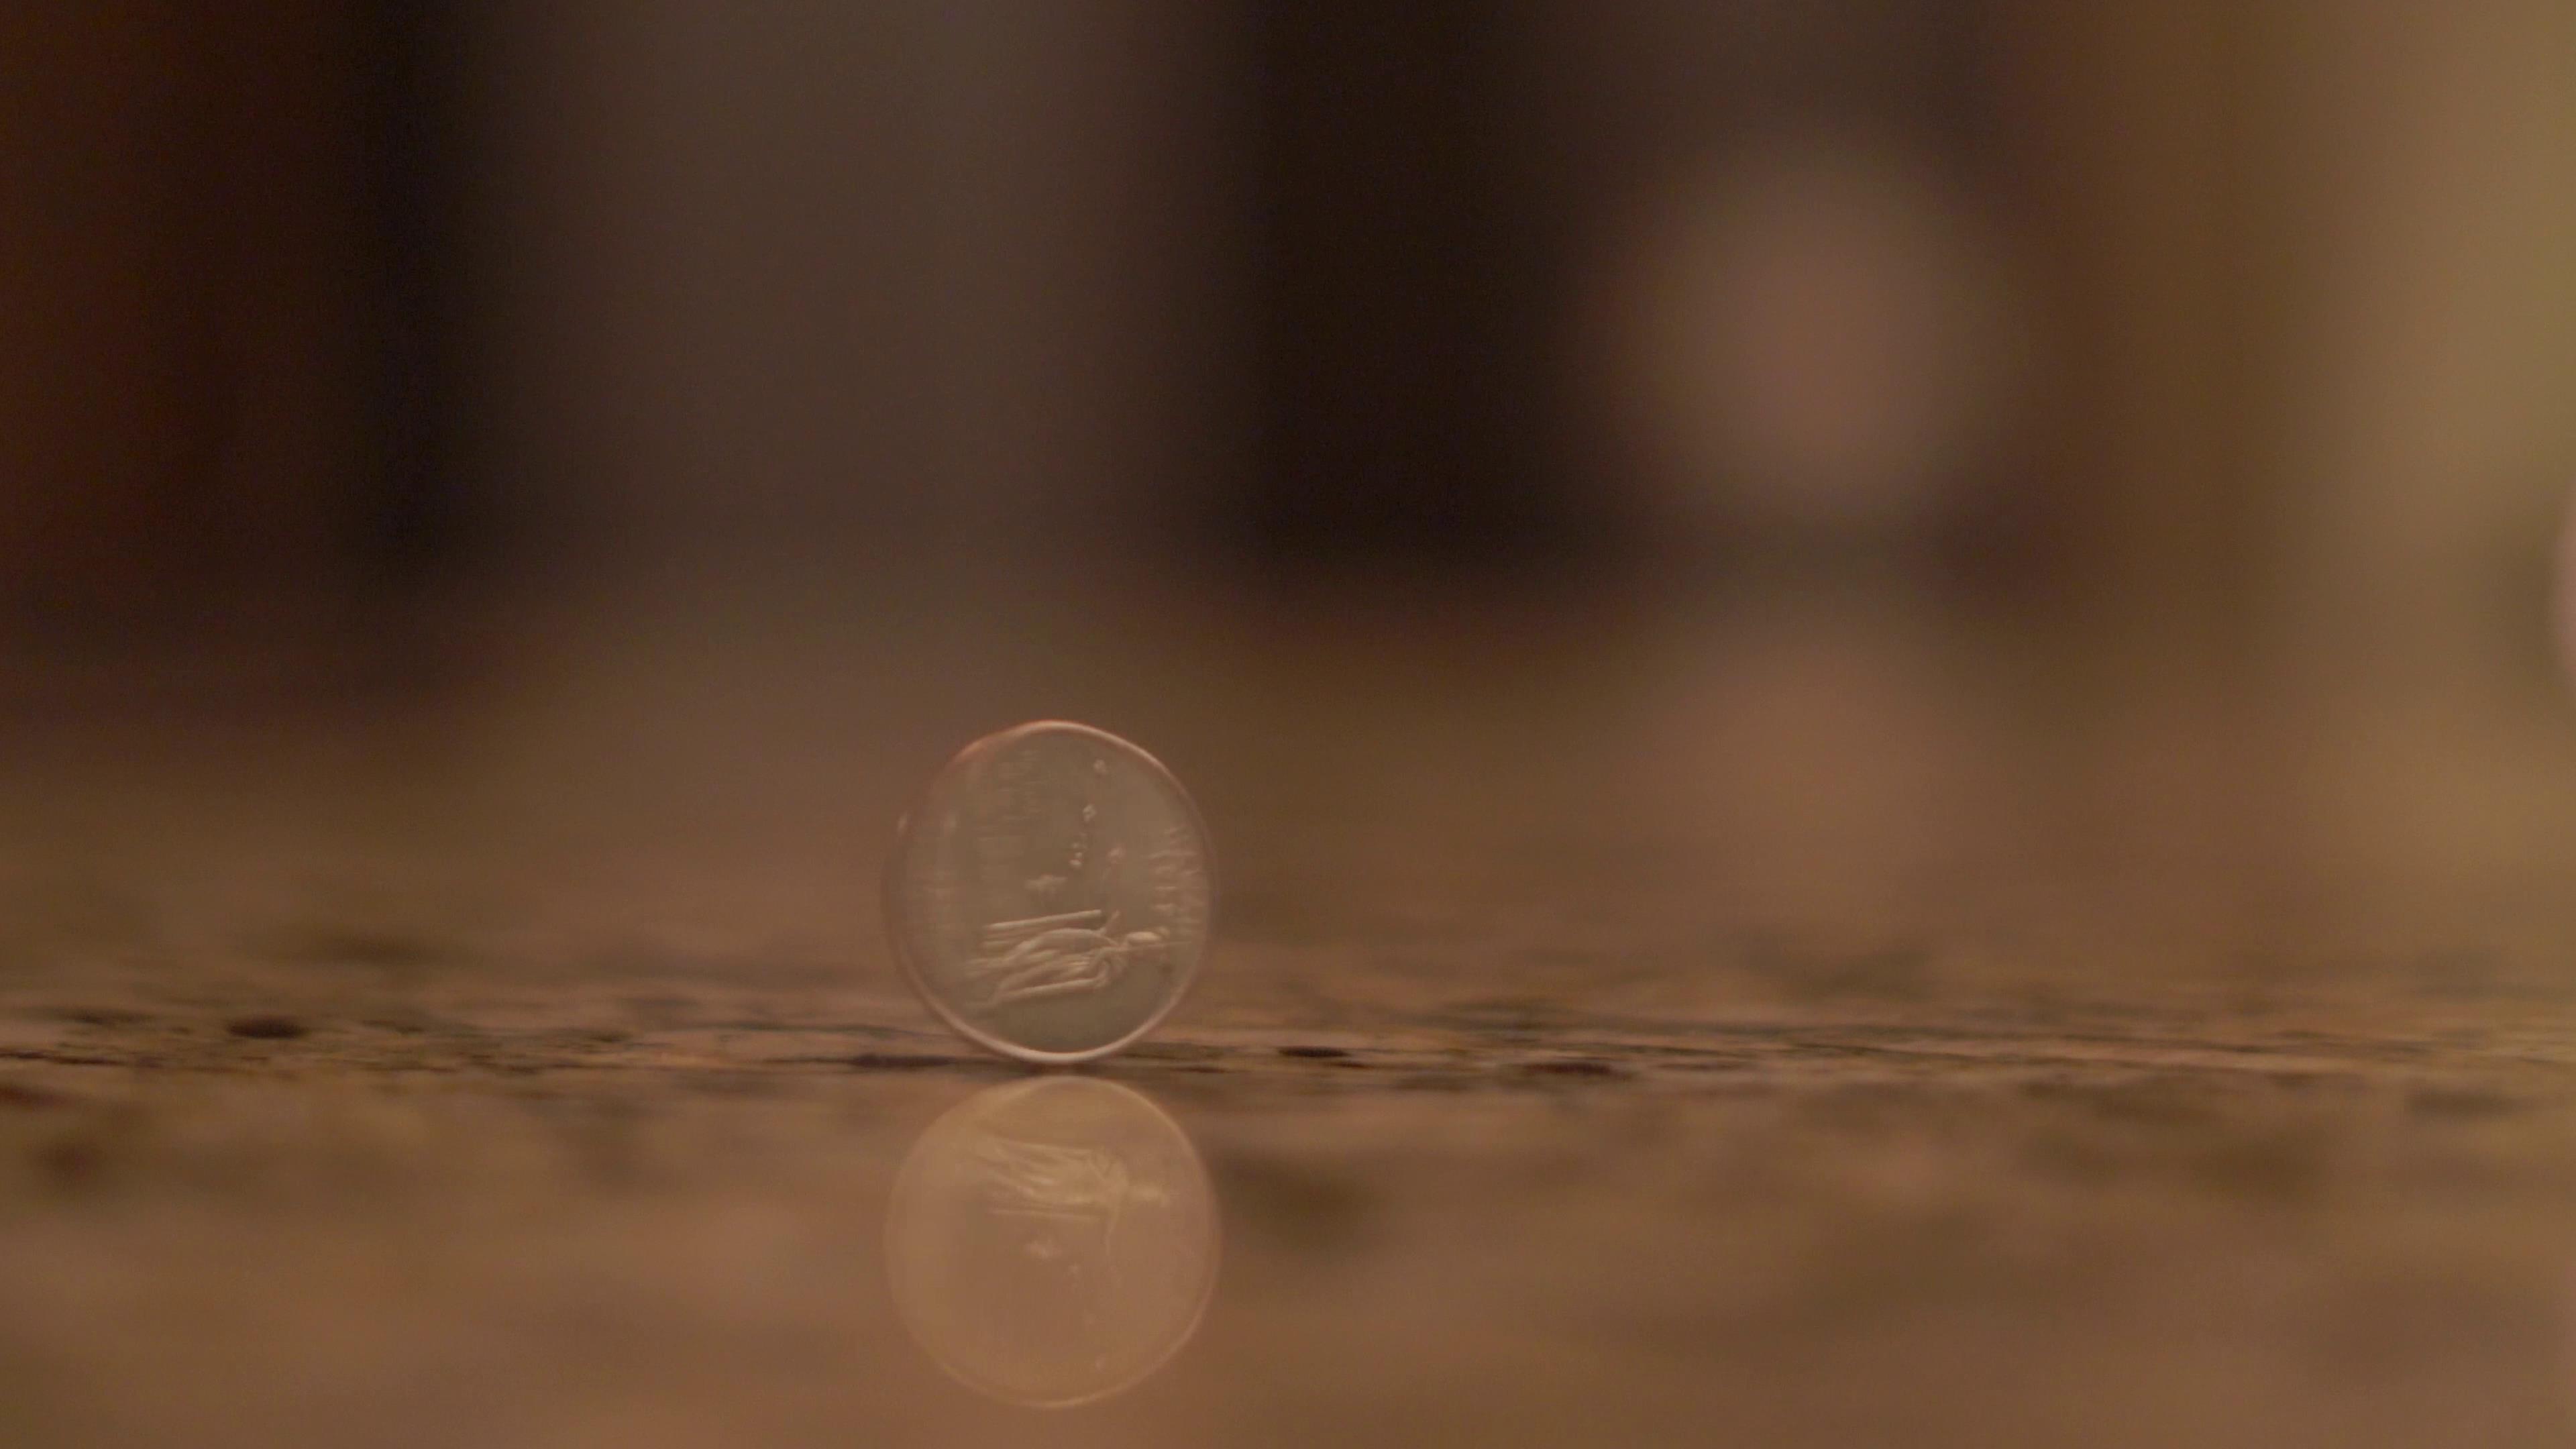 桌子上的硬币旋转不停镜头高清实拍